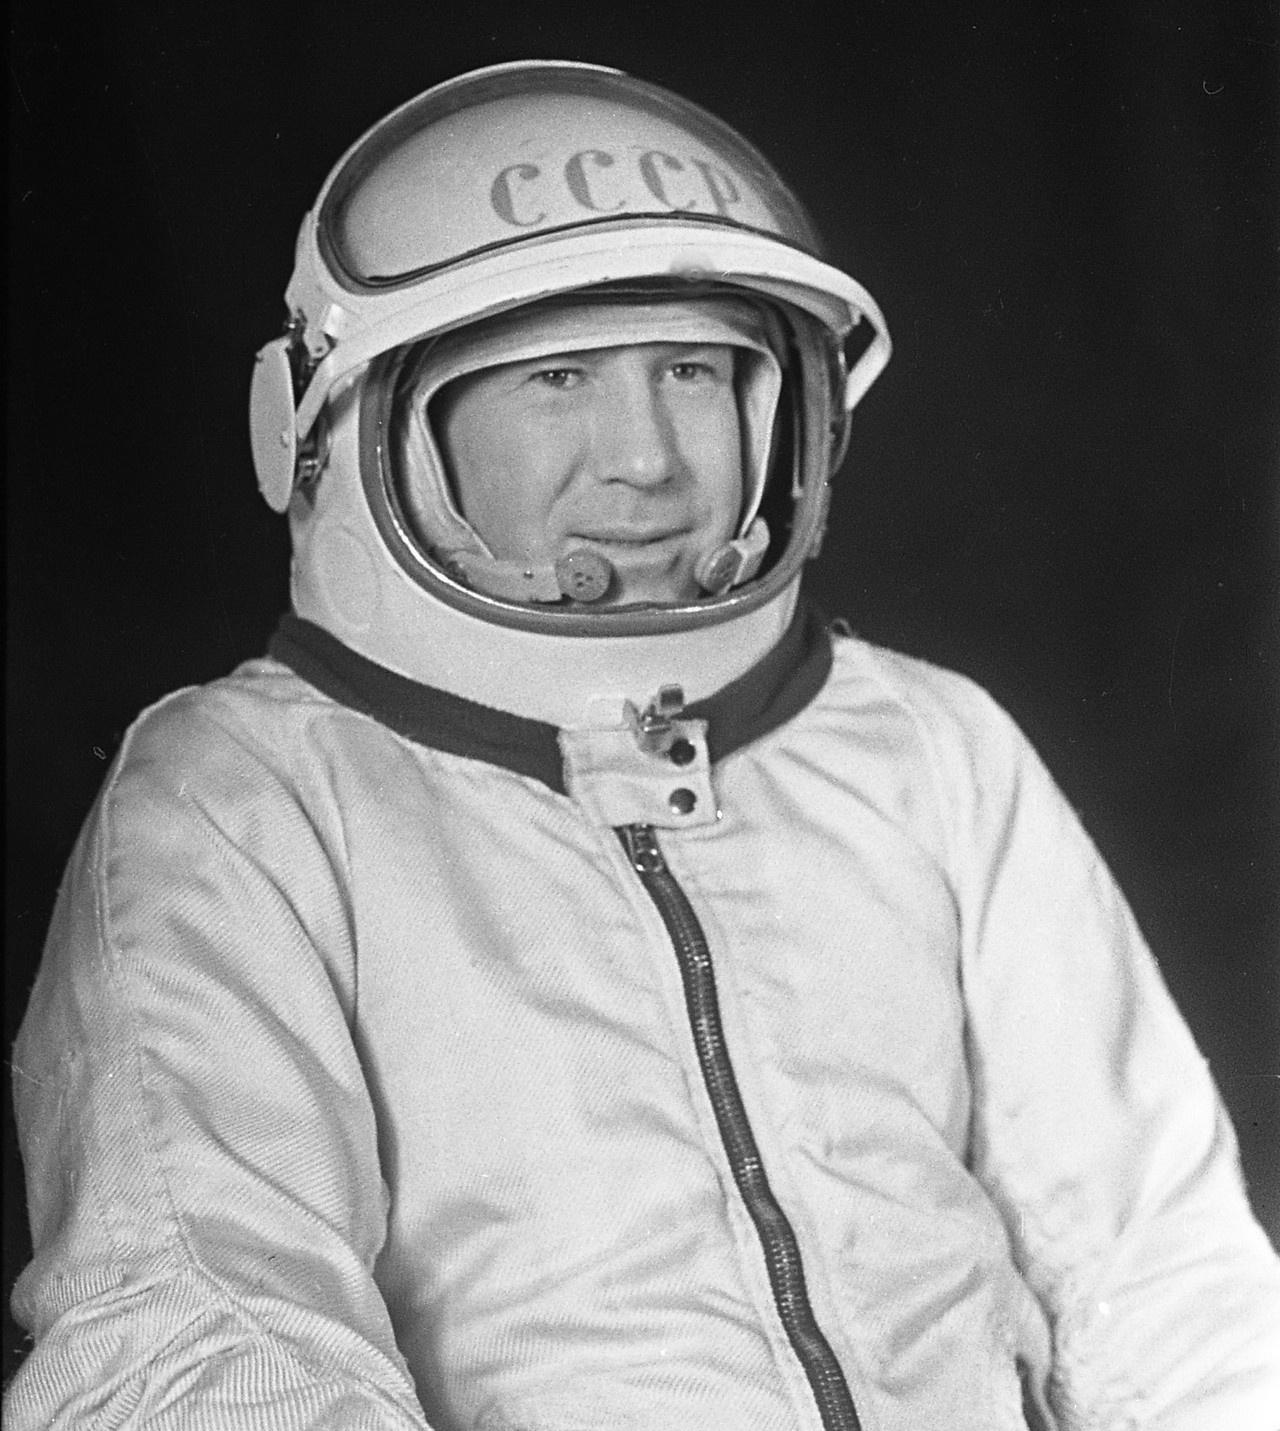 18 марта 1965 года Алексей Леонов совершил первый в мире выход в космос.